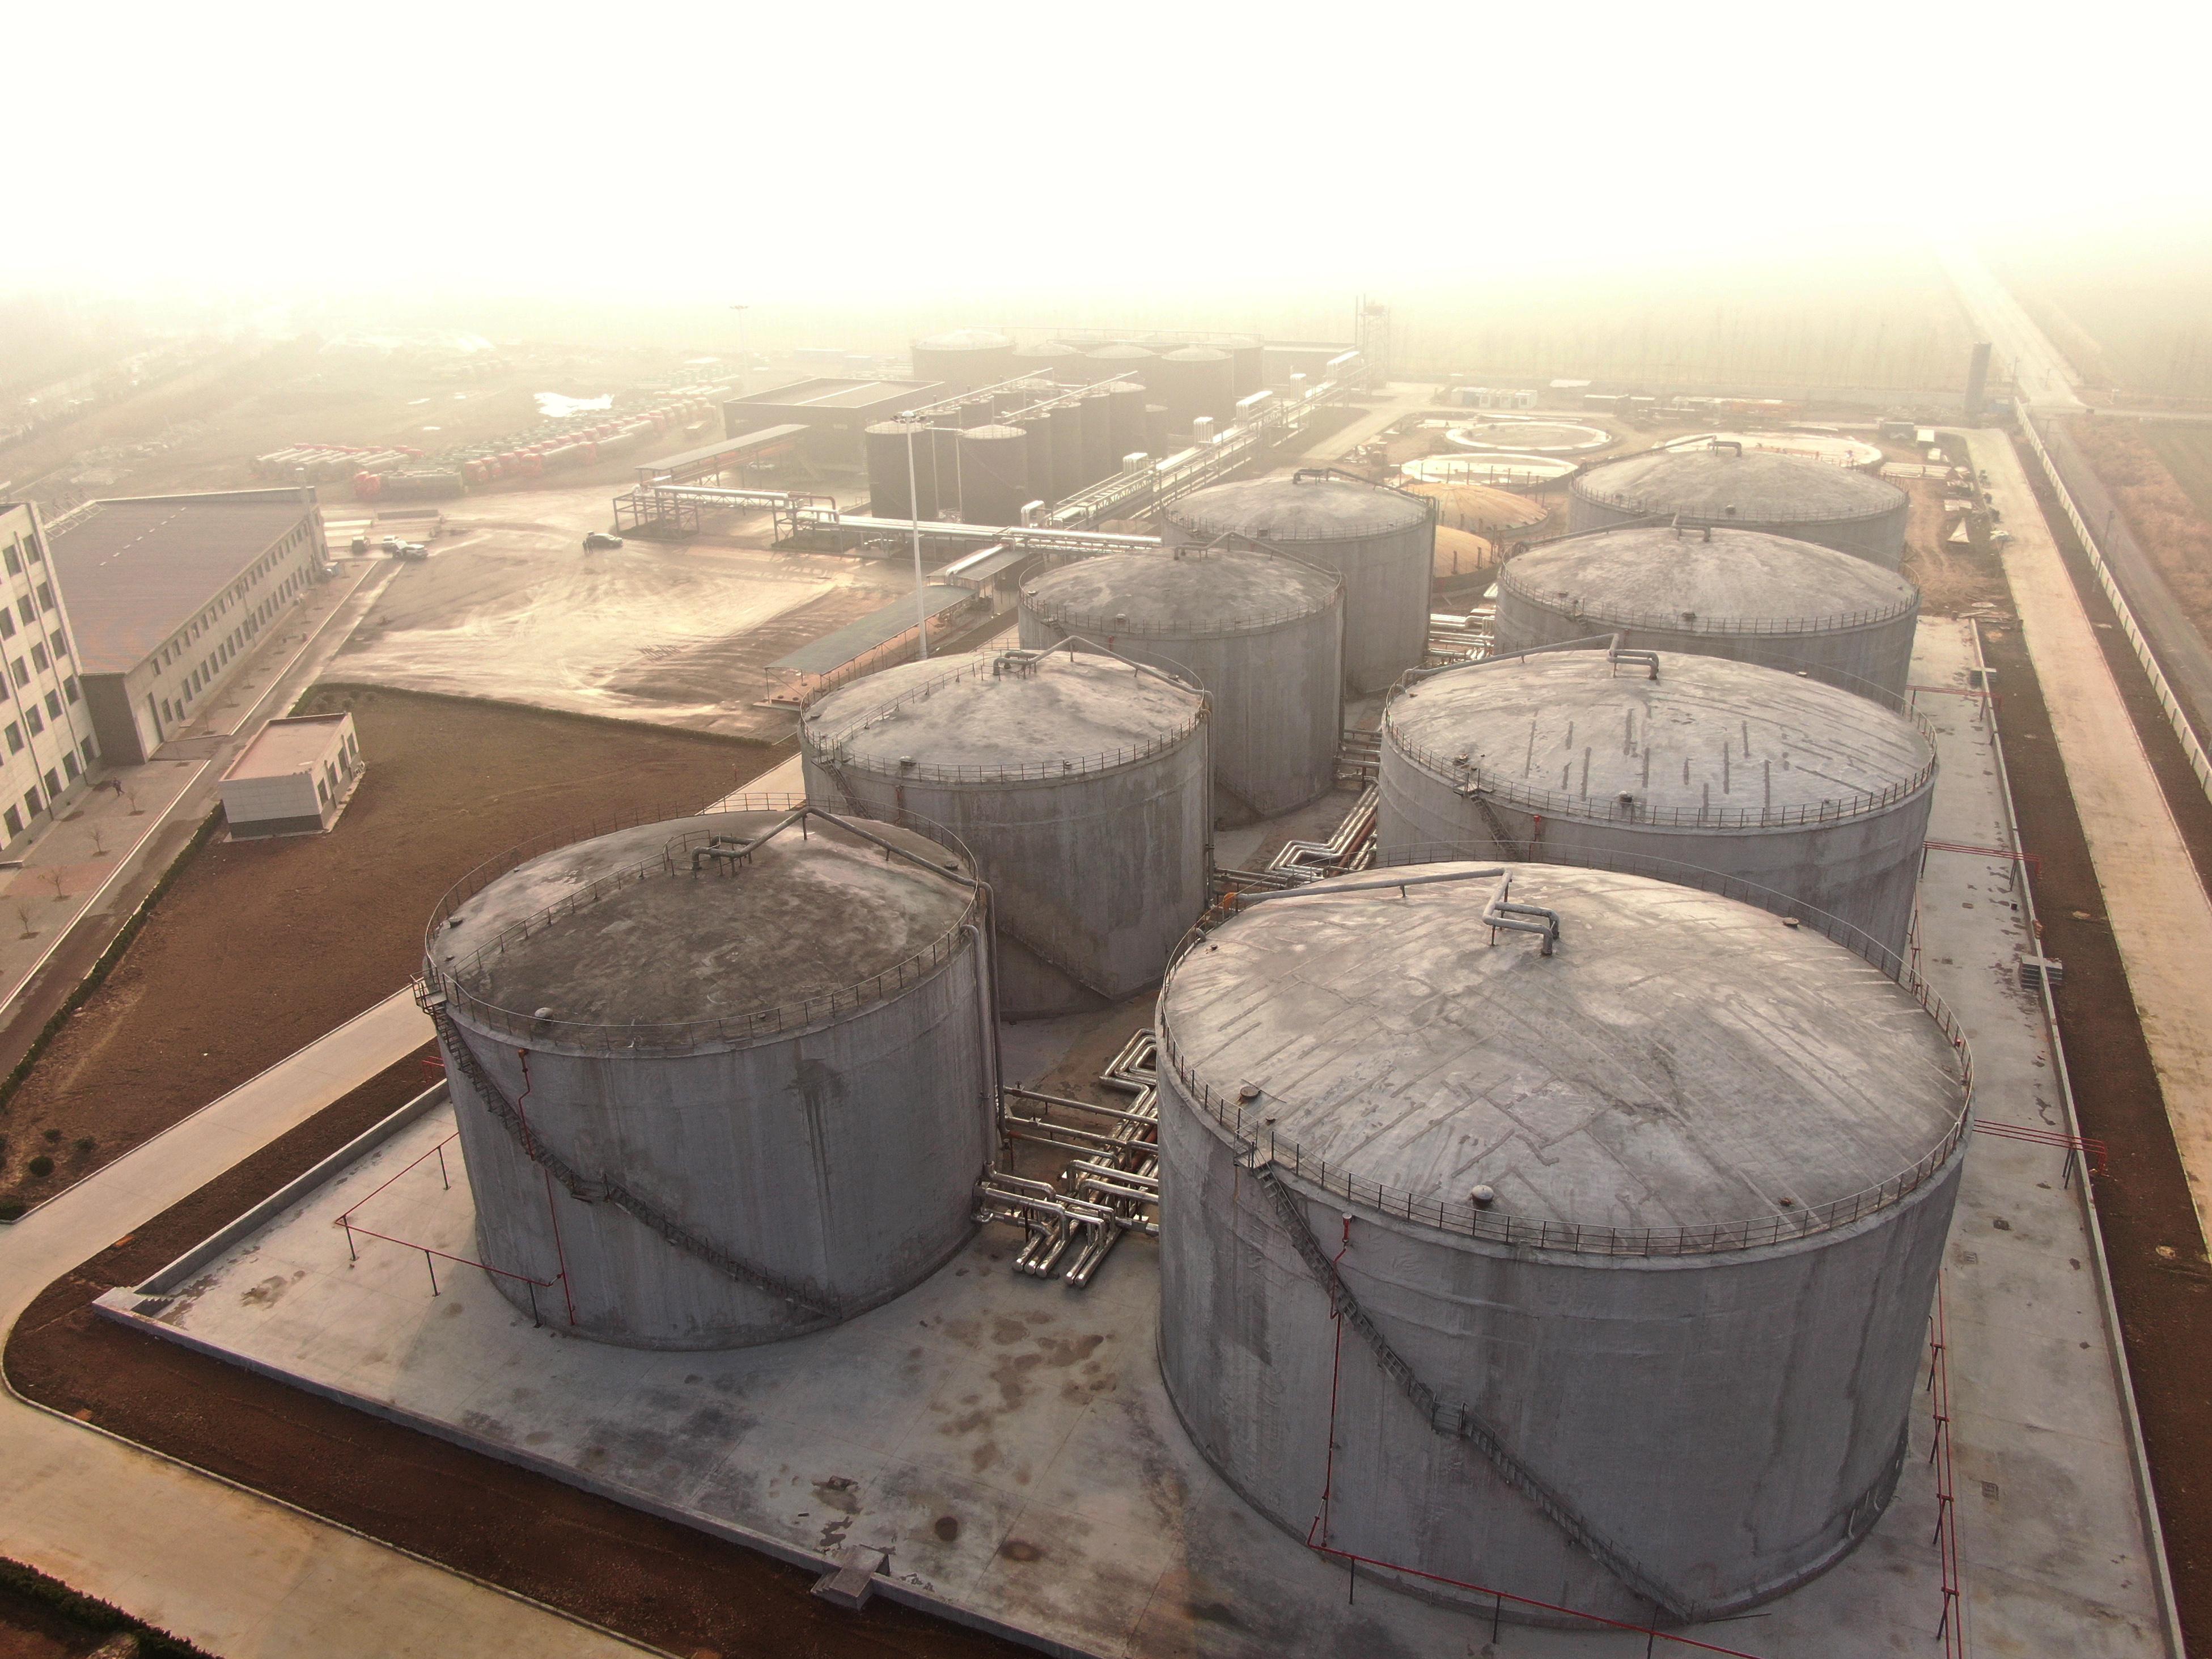 博昌5G智能仓储物流示范园区将建成山东省内较大沥青仓储基地